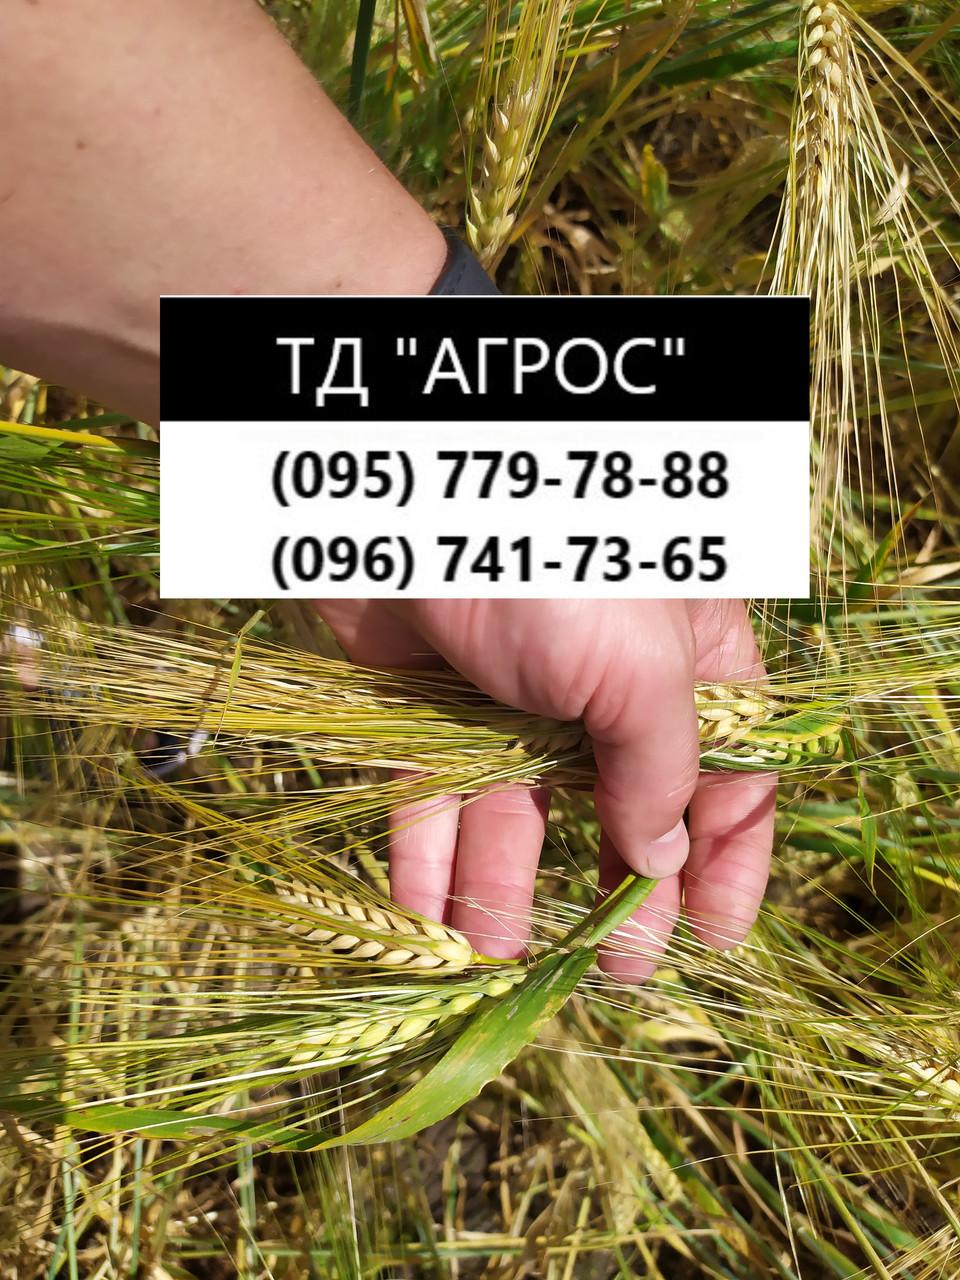 Ранній 90-93 дні ярий ячмінь Геліос високоврожайний 55-65 ц/га. Сорт Геліос стійкий до хвороб та посухи. Елита